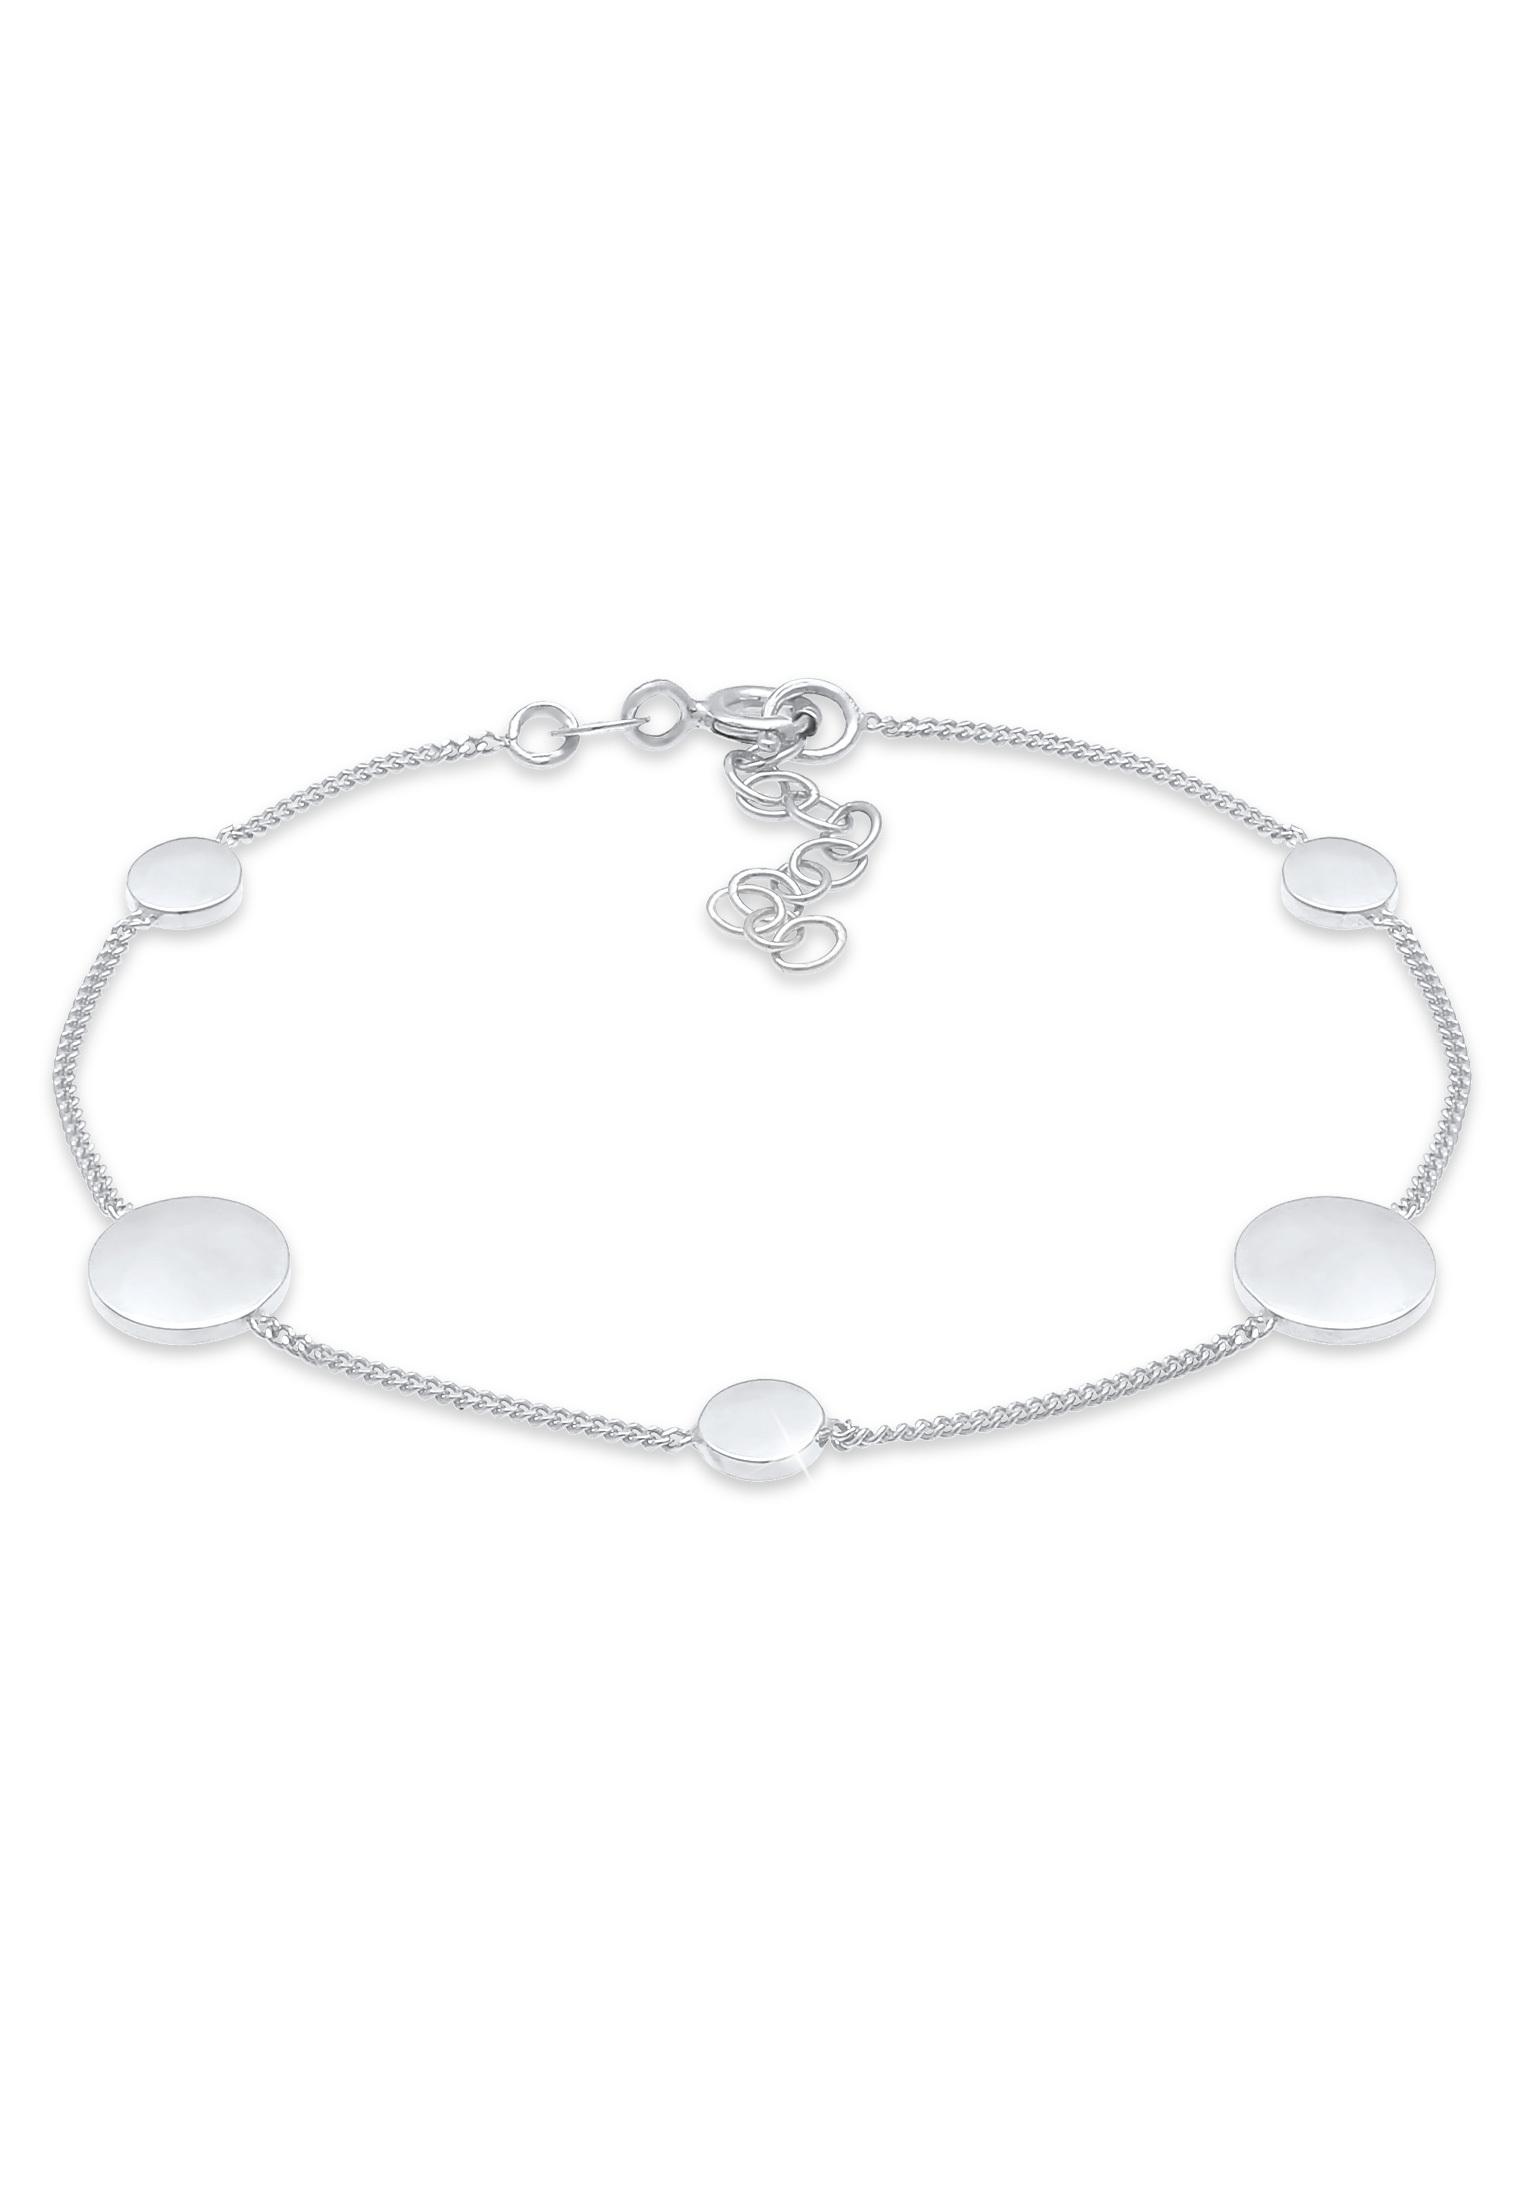 Armband Kreis | 925er Sterling Silber